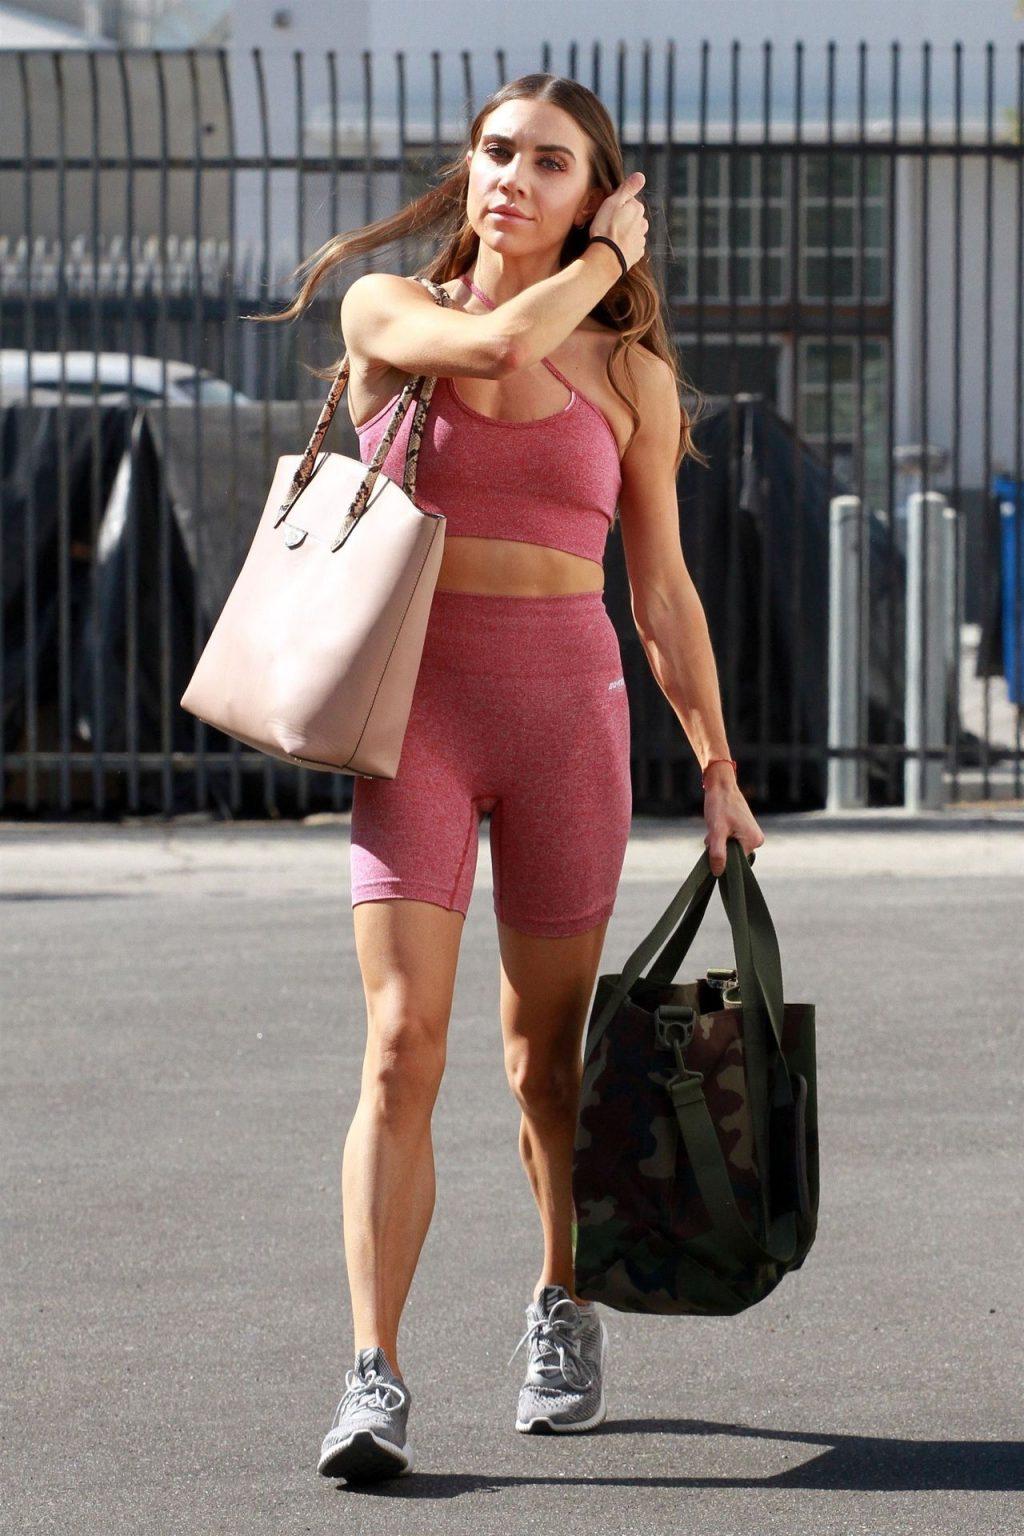 Jenna Johnson is Seen at the Dance Studio (33 Photos)